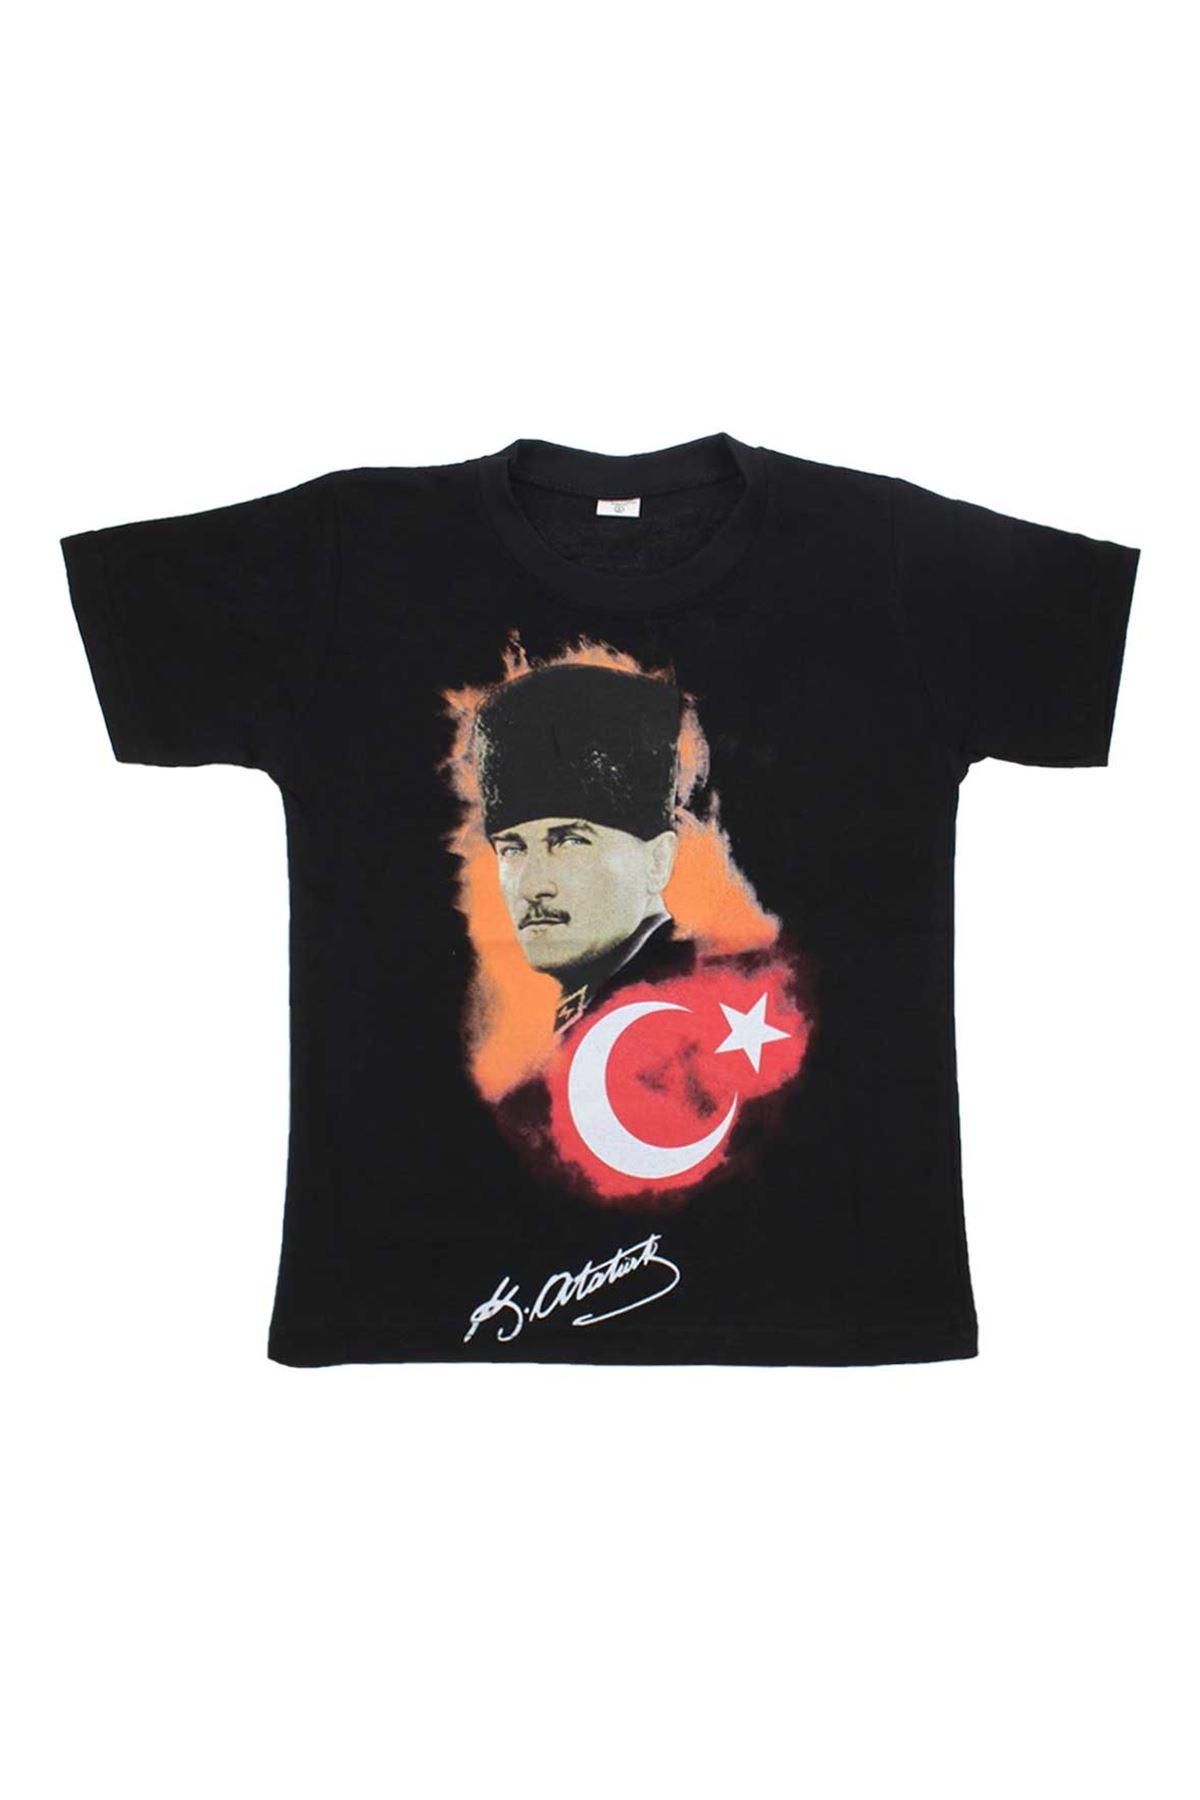 Atatürk Bayrak Baskılı S - M - L - XL Tshirt